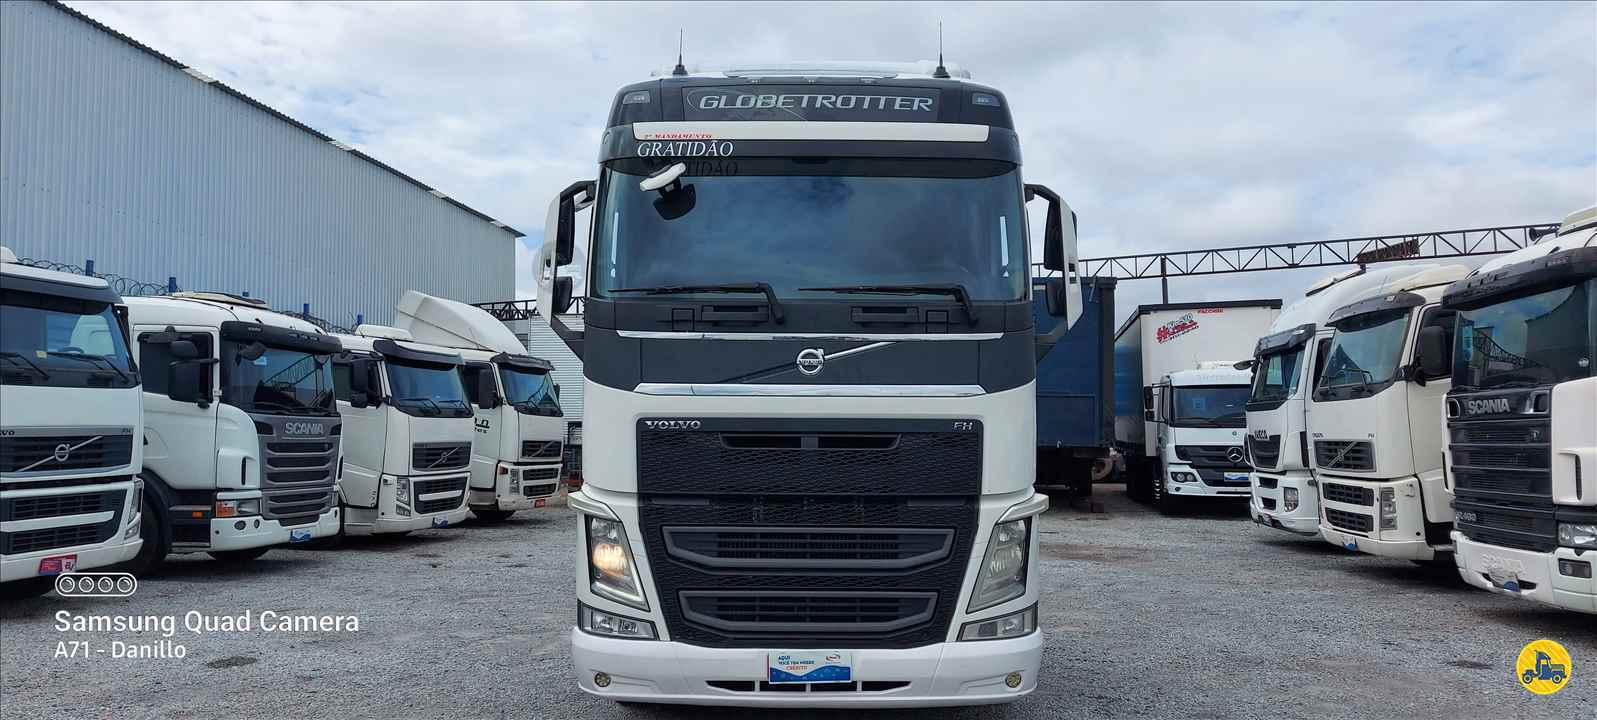 CAMINHAO VOLVO VOLVO FH 460 Cavalo Mecânico Truck 6x2 13 de Maio Caminhões BETIM MINAS GERAIS MG